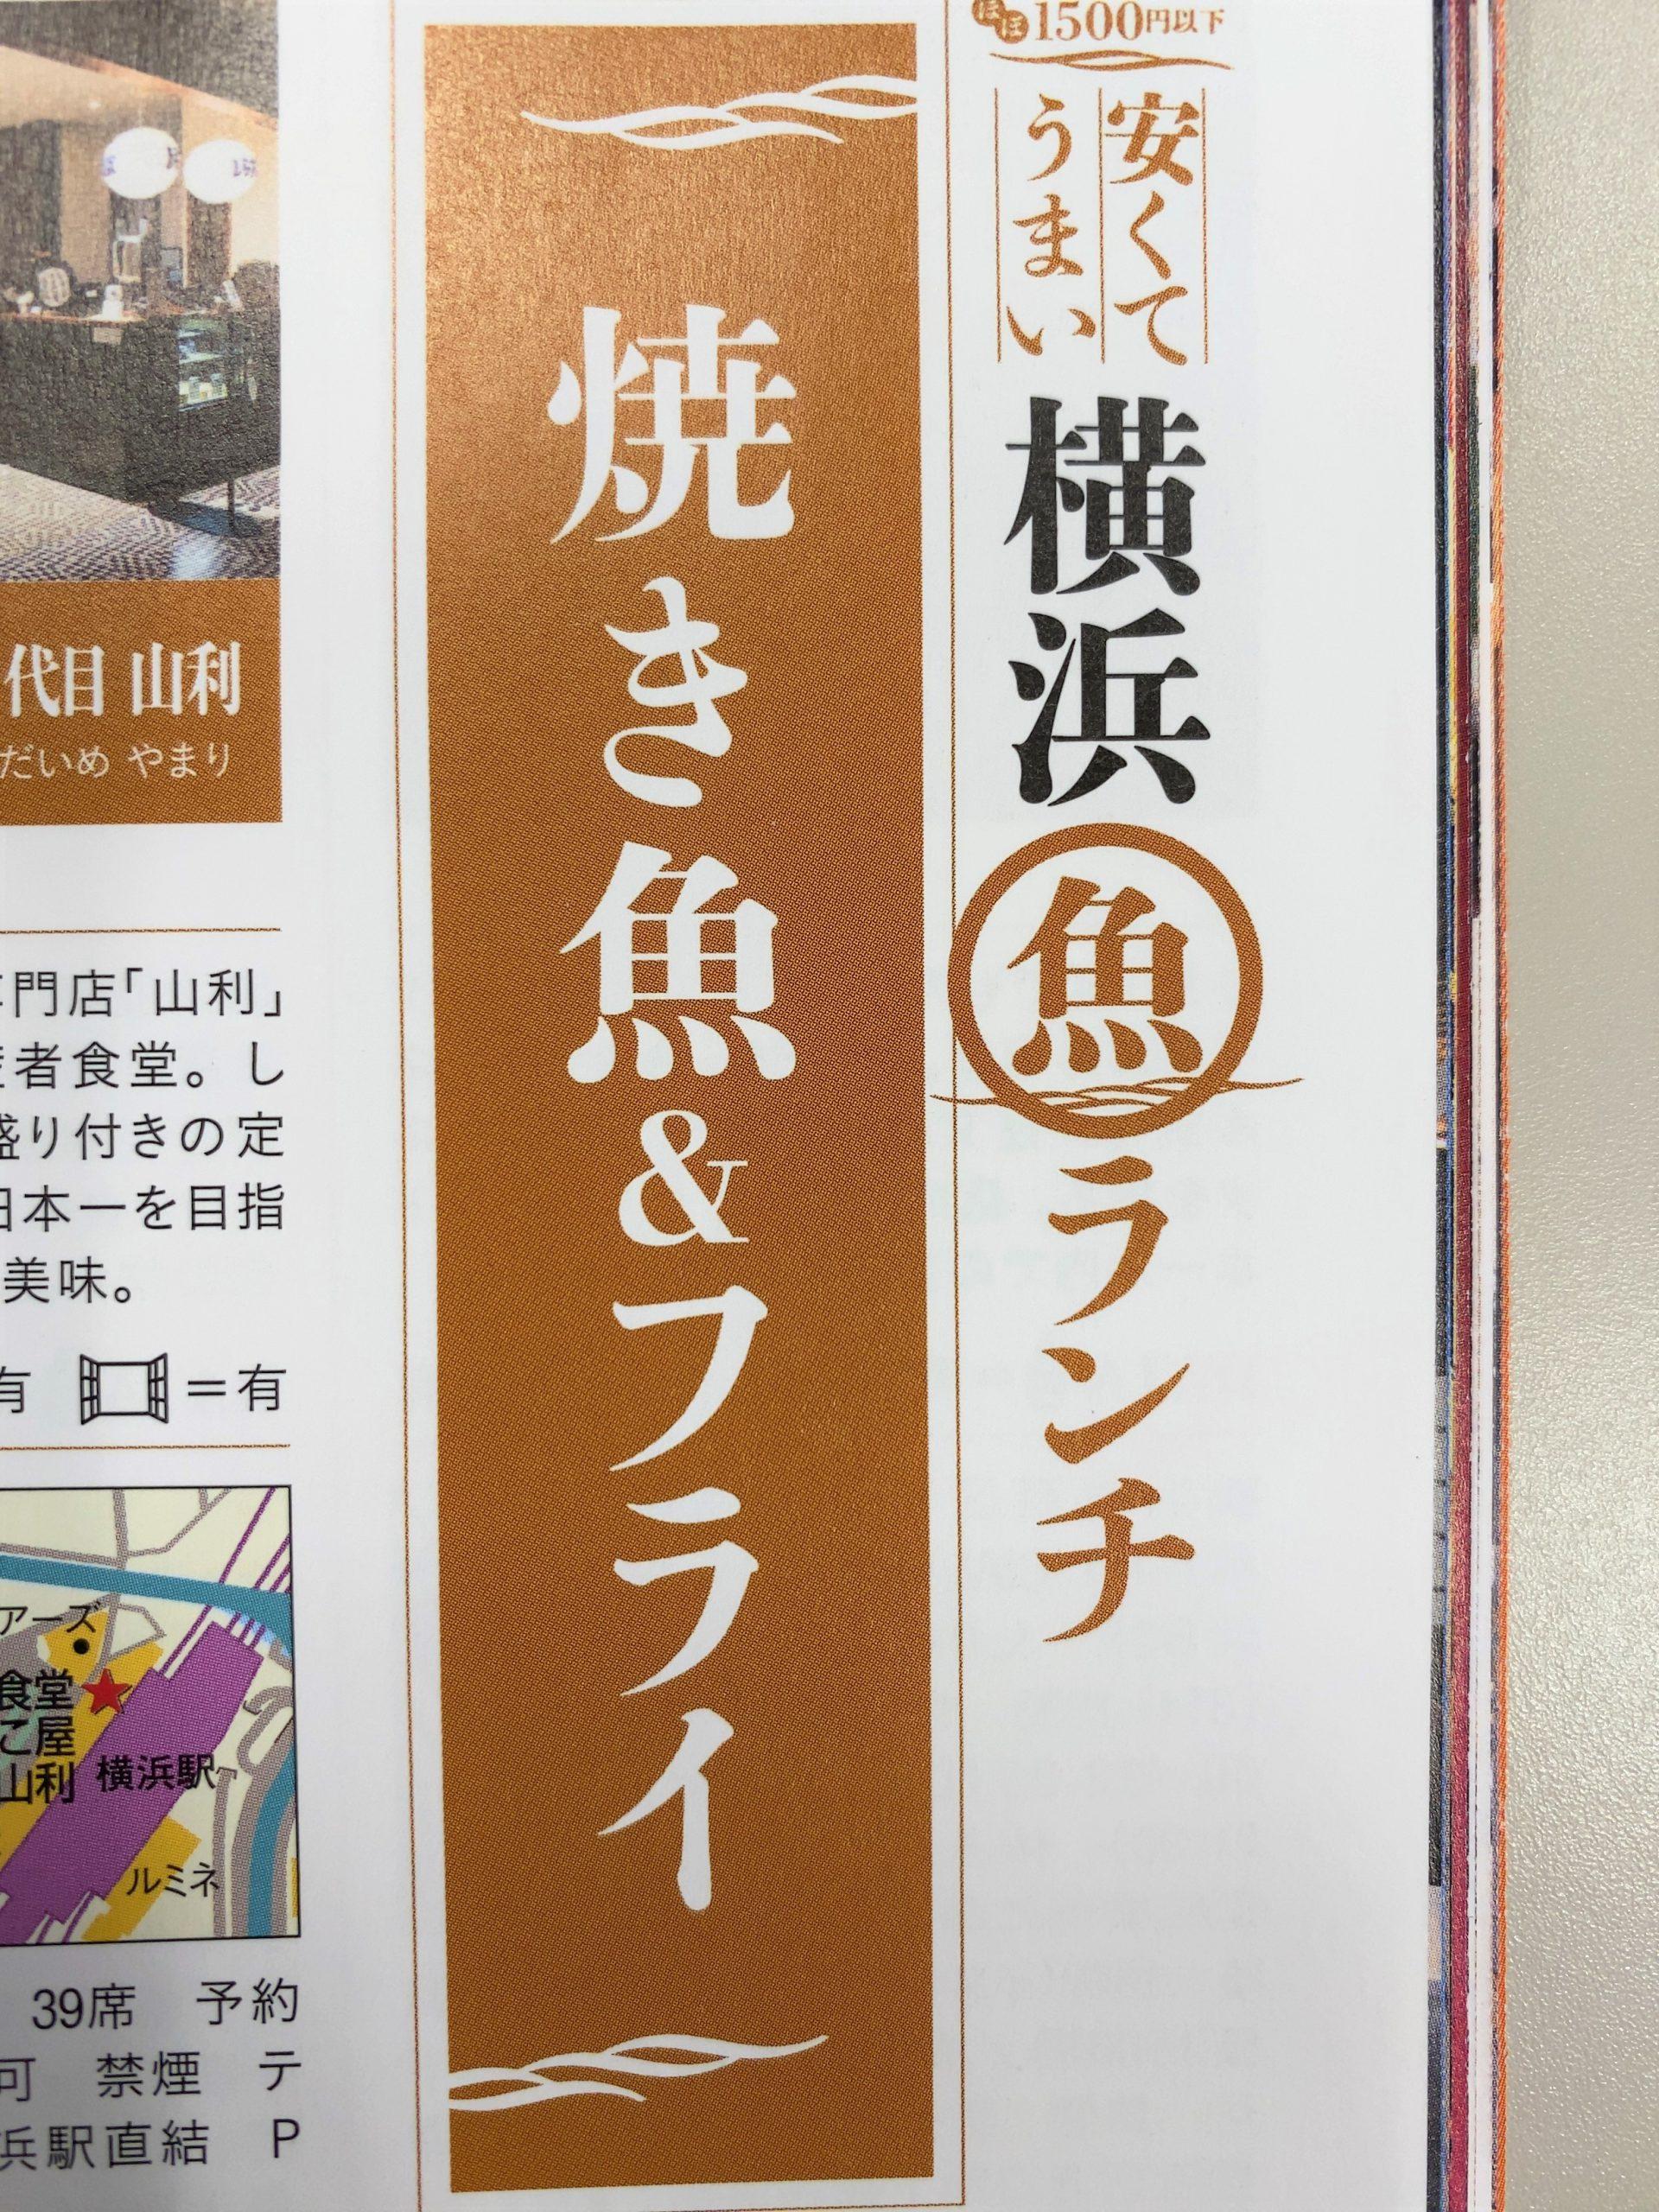 1月18日発売『おいしい魚の店 横浜・湘南』に掲載されました!